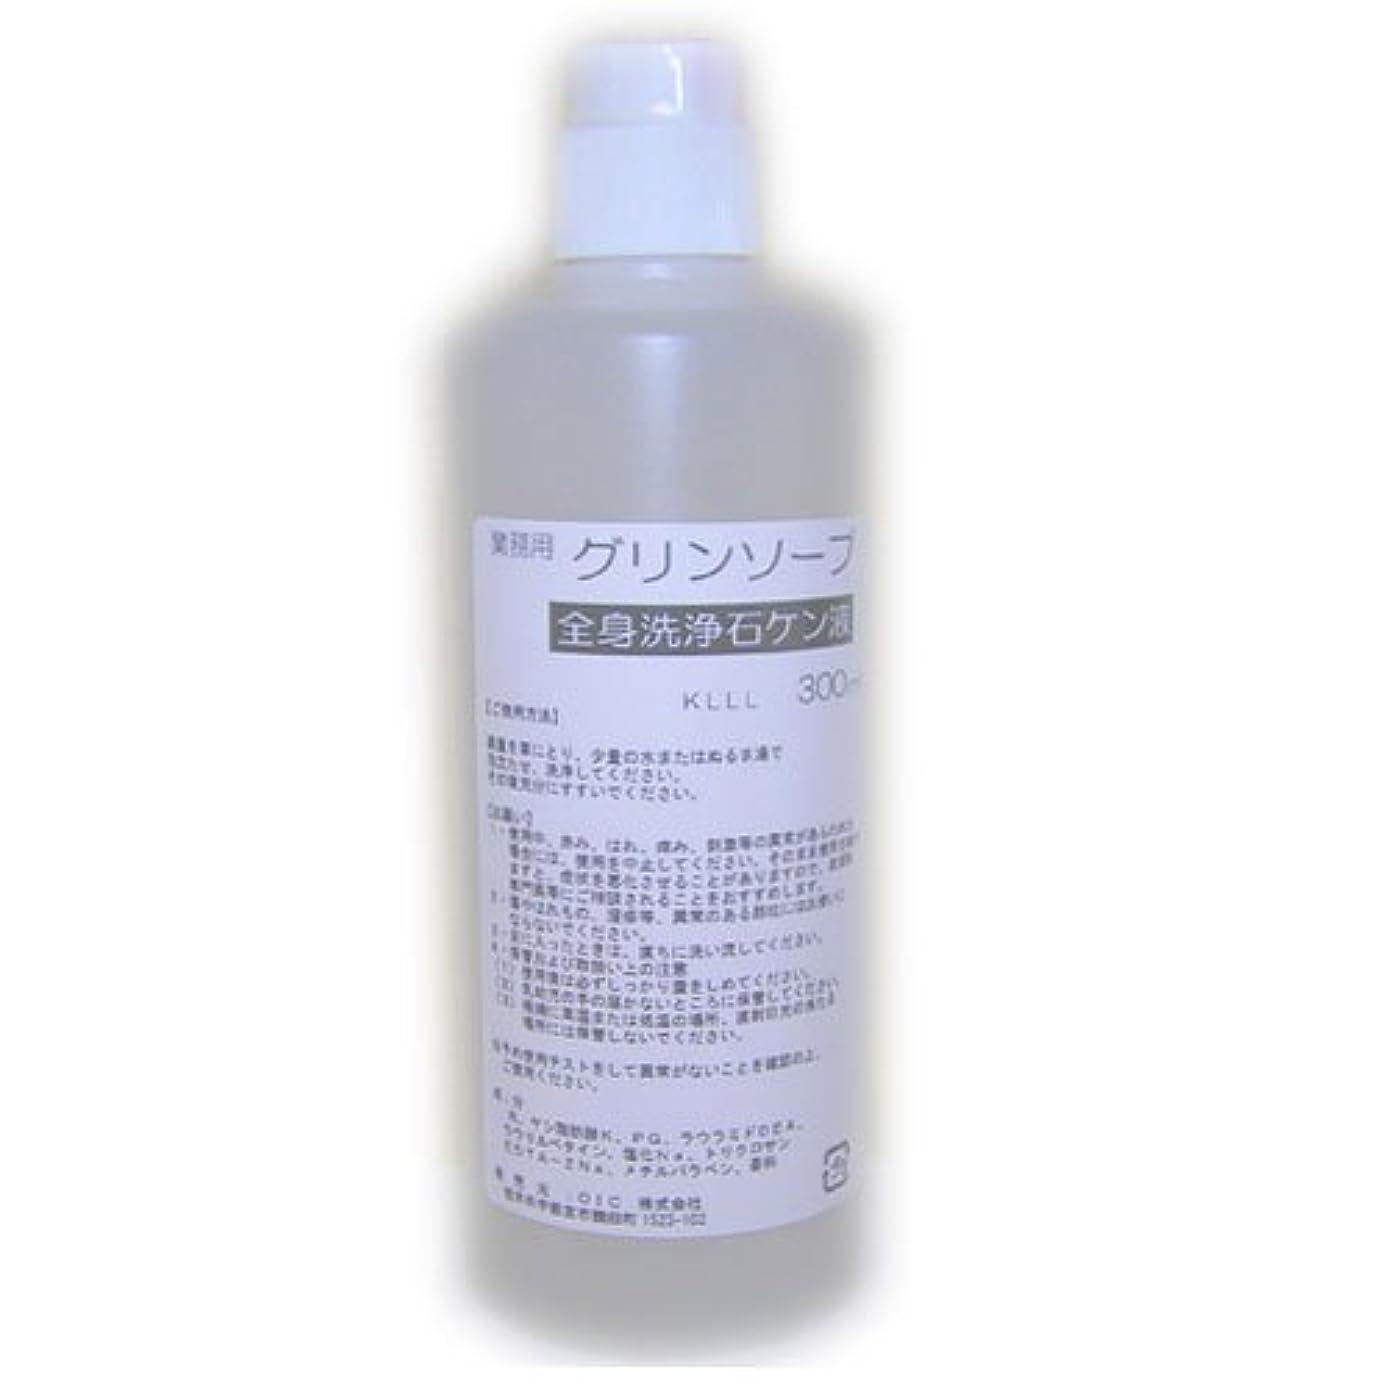 マイルストーン高い不毛業務用ボディソープ 殺菌成分配合?消毒石鹸液 グリンソープ (300ml)